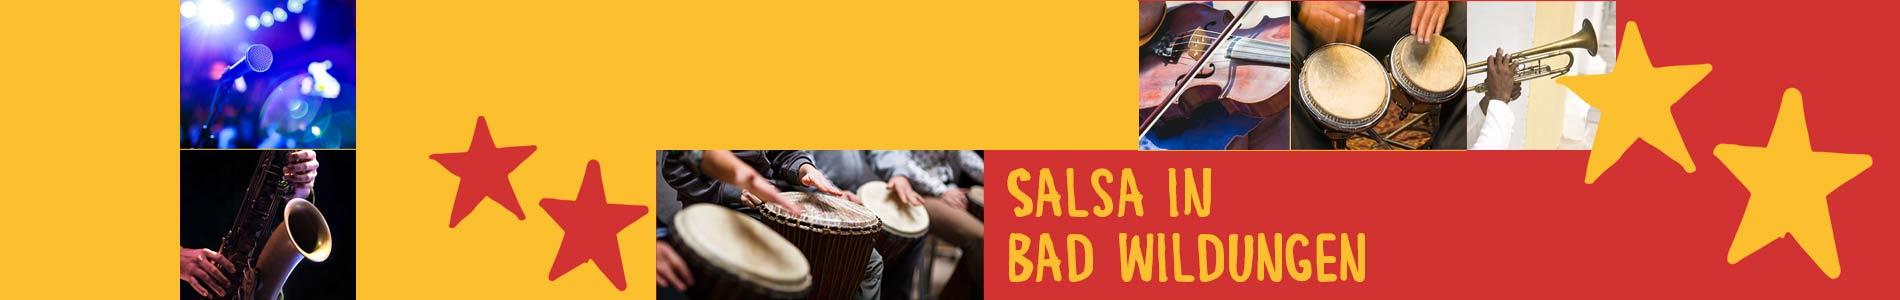 Salsa in Bad Wildungen – Salsa lernen und tanzen, Tanzkurse, Partys, Veranstaltungen